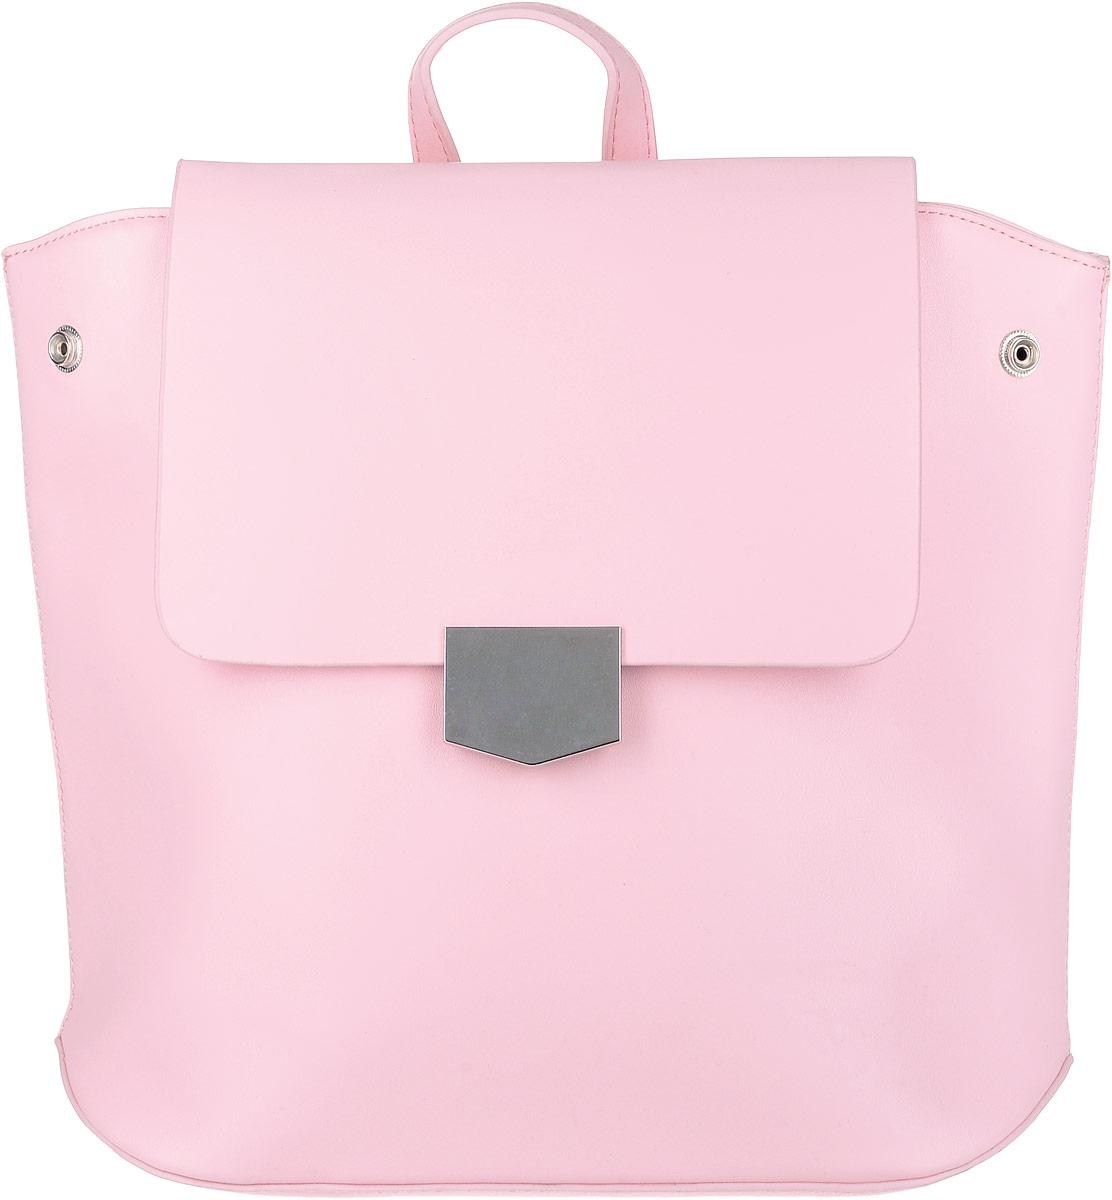 Рюкзак женский OrsOro, цвет: нежно-розовый. D-262/223008Элегантный рюкзак OrsOro исполнен из экокожи высокого качества. Имеет одно вместительное отделение прикрытое клапаном на магнитной кнопке и под ним застегивающийся на молнию. Так же в отделении присутствуют два накладных кармашка под сотовый телефон или для мелочей и один прорезной карман на застежке-молнии. Рюкзак обладает удобной ручкой сверху для переноски и двумя регулируемыми плечевыми ремнями-лямками на карабинах. По бокам рюкзака имеются четыре кнопки благодаря которым можно регулировать форму рюкзака от прямоугольной до трапецевидной.